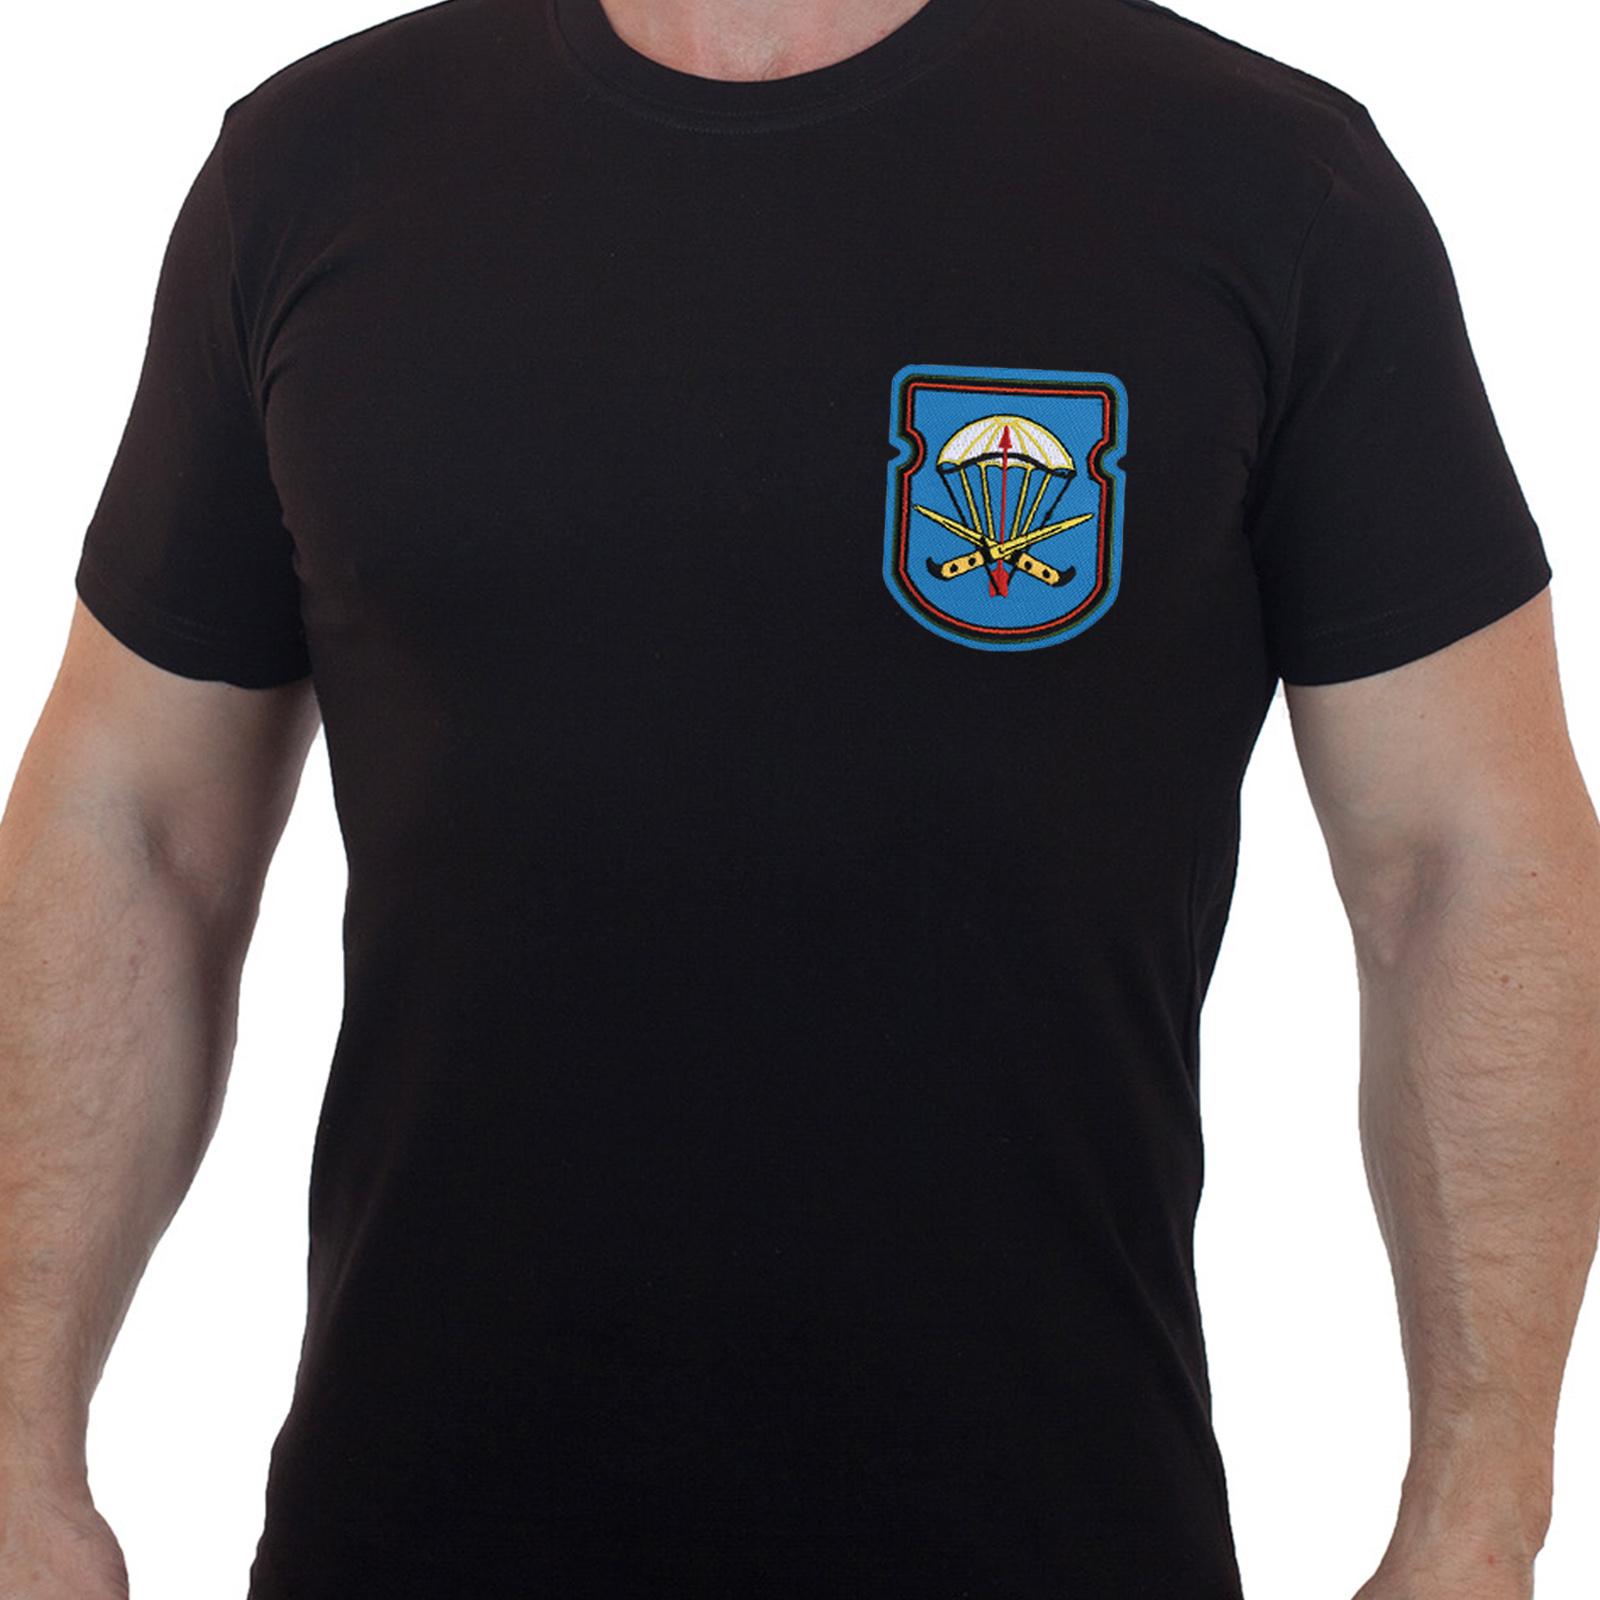 Лаконичная футболка с вышитым знаком 54-й ОДШБ 31 гв. ОДШБр - купить онлайн